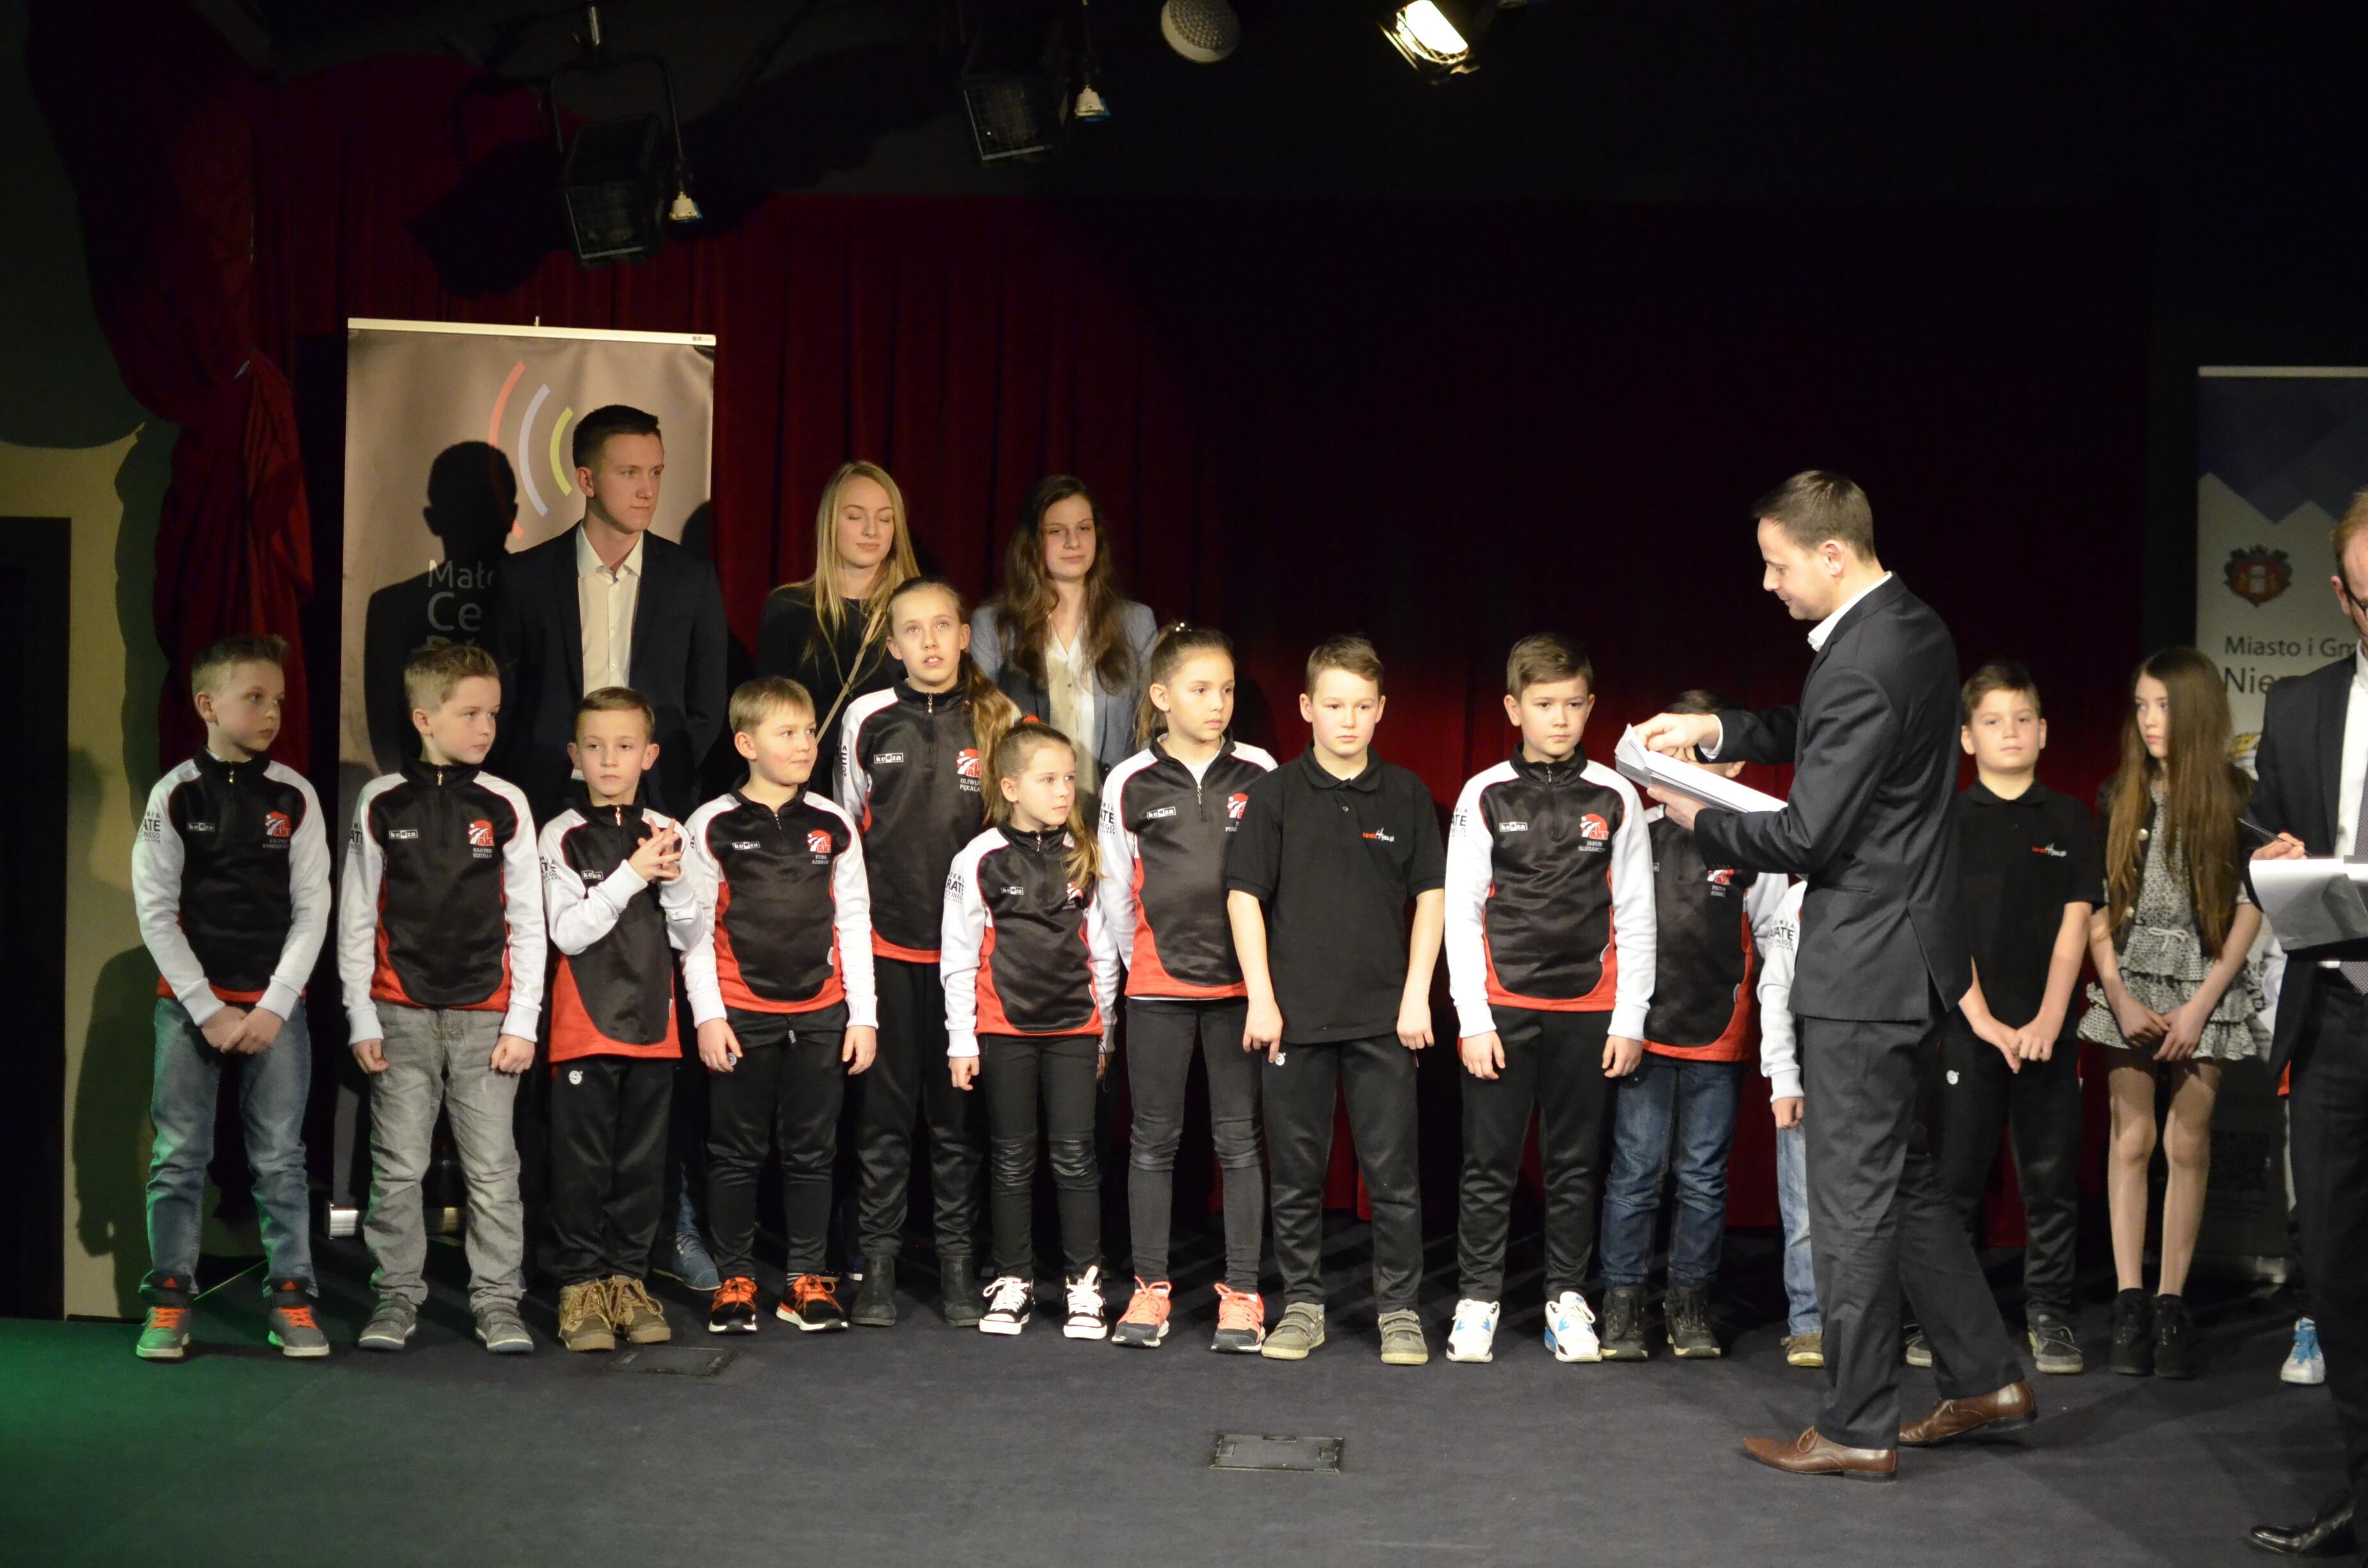 <p>3 marca karatecy AKT zostali nagrodzeni podczas Niepołomickiej Gali Sportu w Małopolskim Centrum Dźwięku i Słowa. </p>